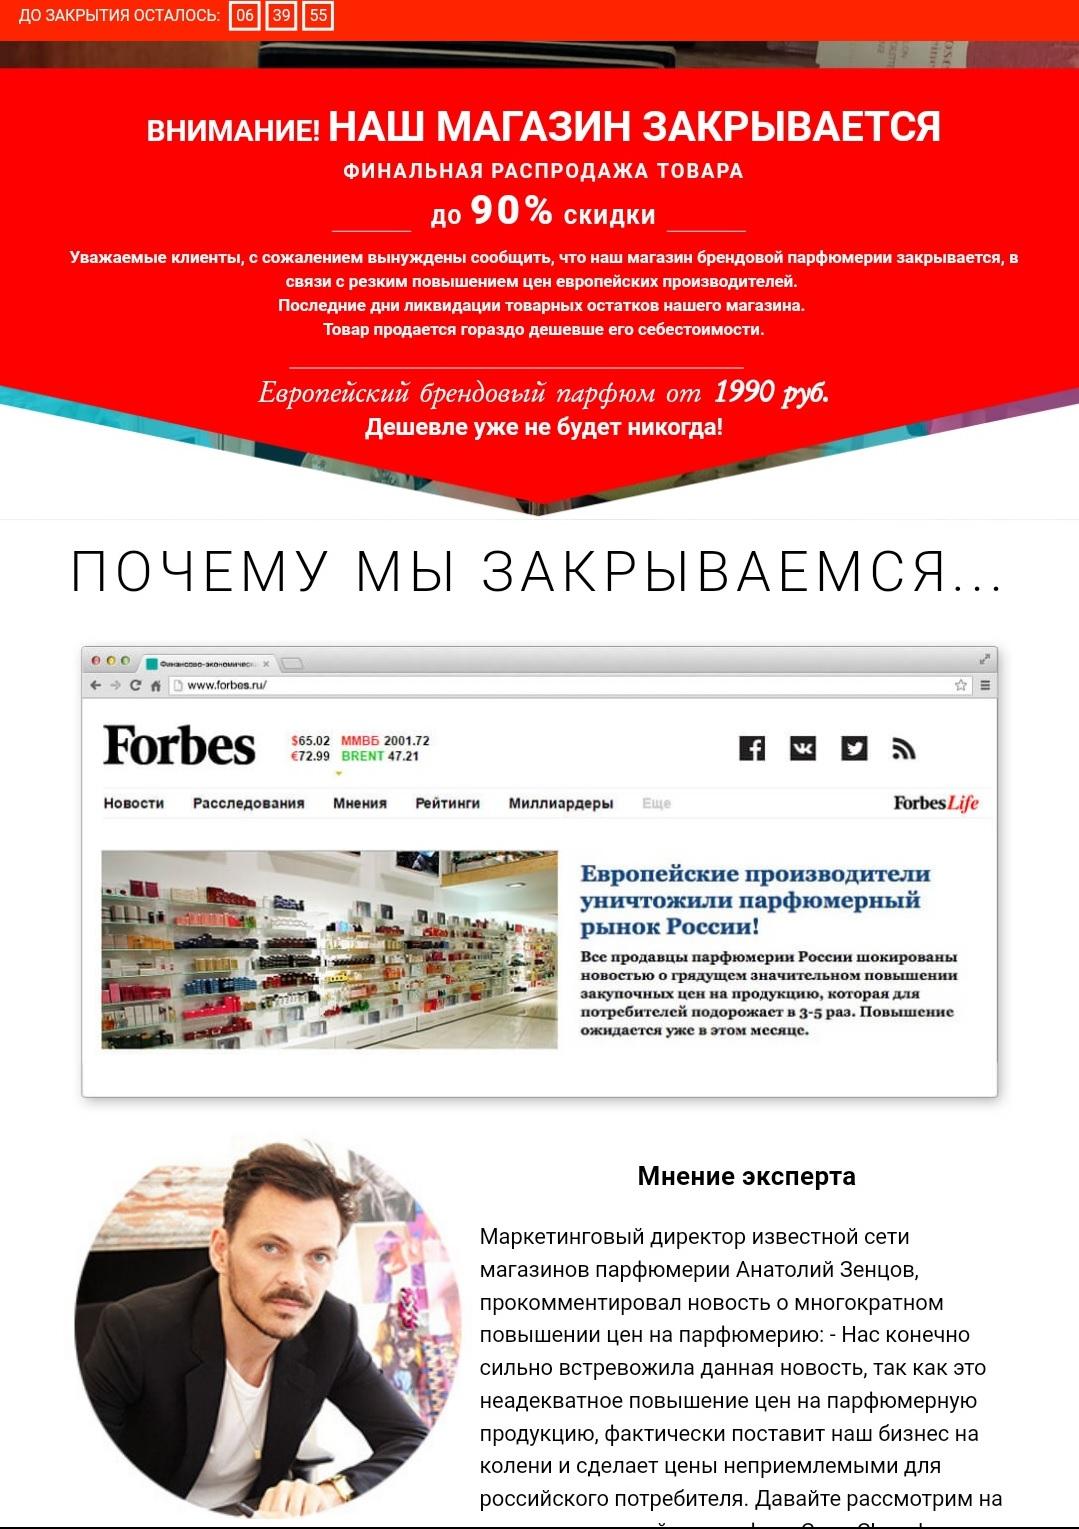 2c8a93d81fef 5 мифов о контрафактных товарах в интернете | Rusbase